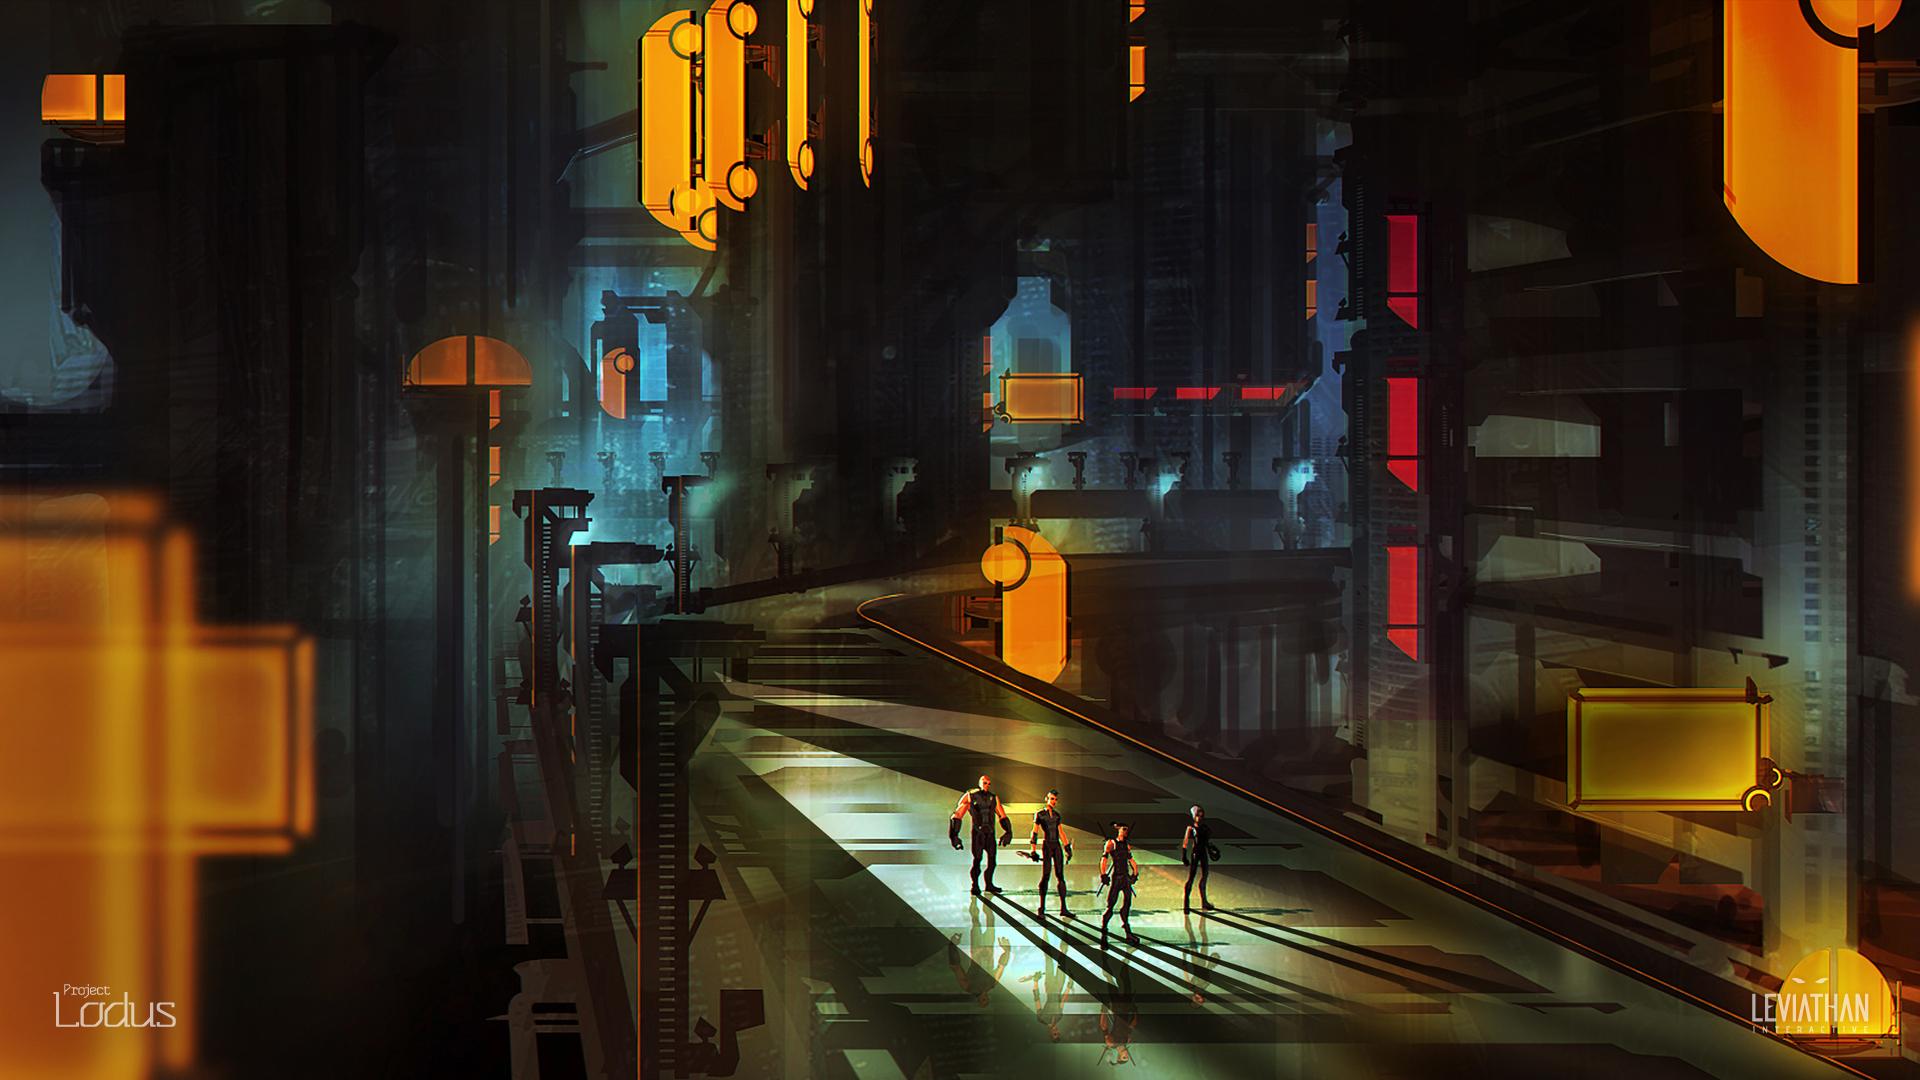 Cyberpunk sci fi game city        g 1920x1080 1